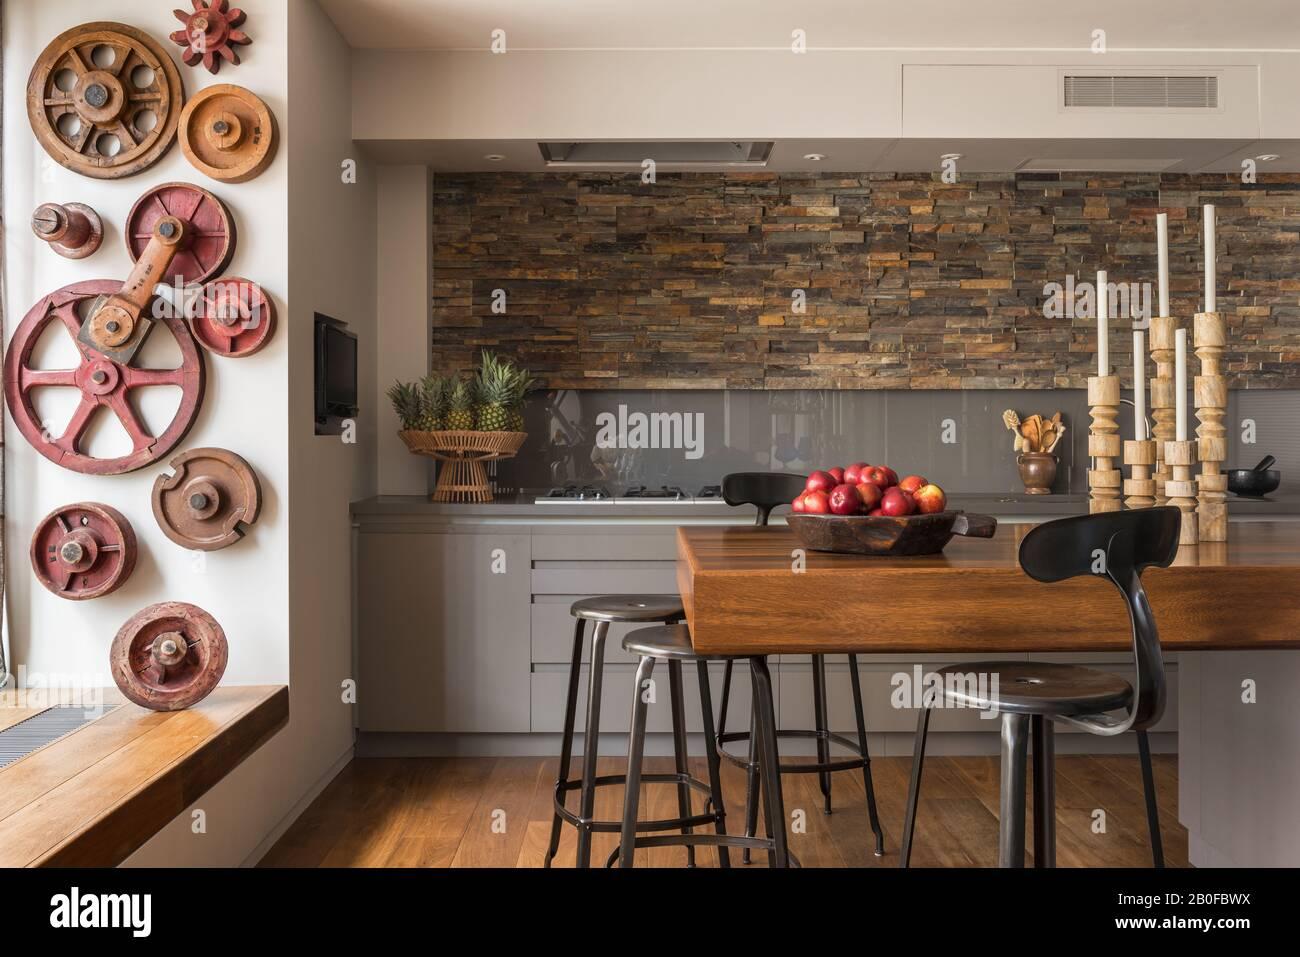 Bar à petit-déjeuner en teck avec murs ornés d'ardoise dans la cuisine de l'appartement moderne de West London. Banque D'Images